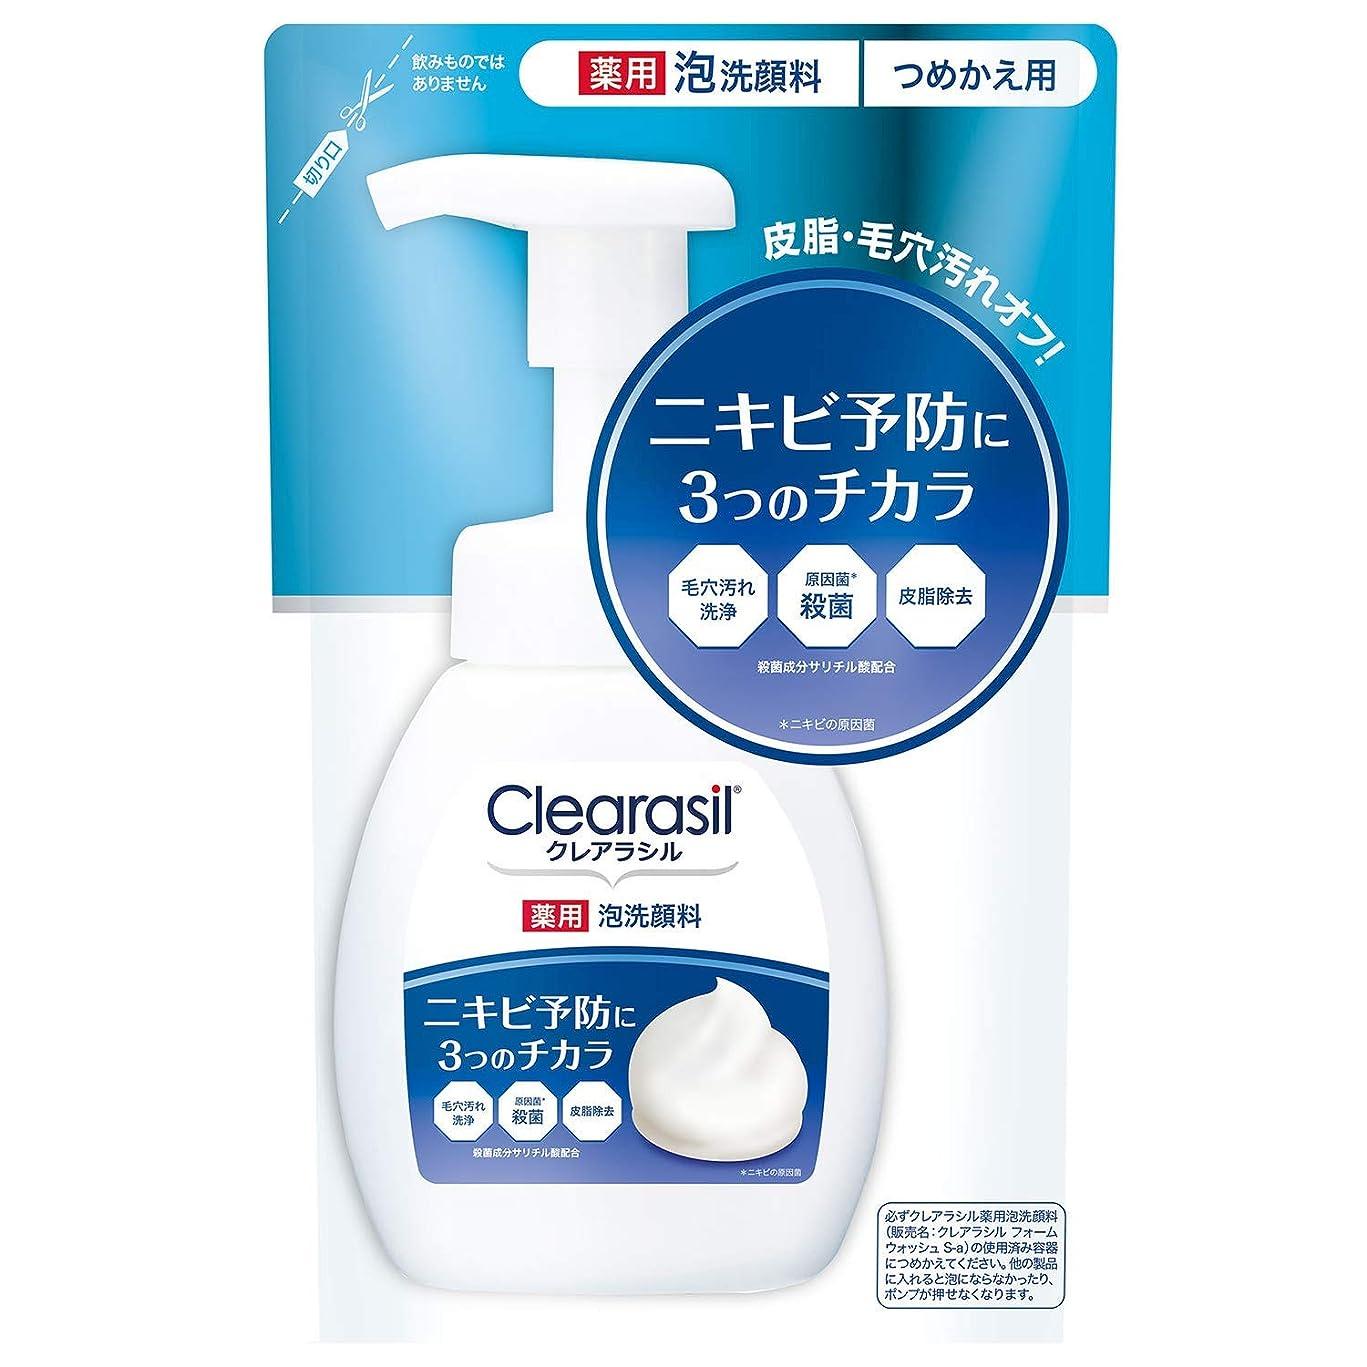 北へ文空港【clearasil】クレアラシル 薬用泡洗顔フォーム10 つめかえ用 (180ml) ×10個セット